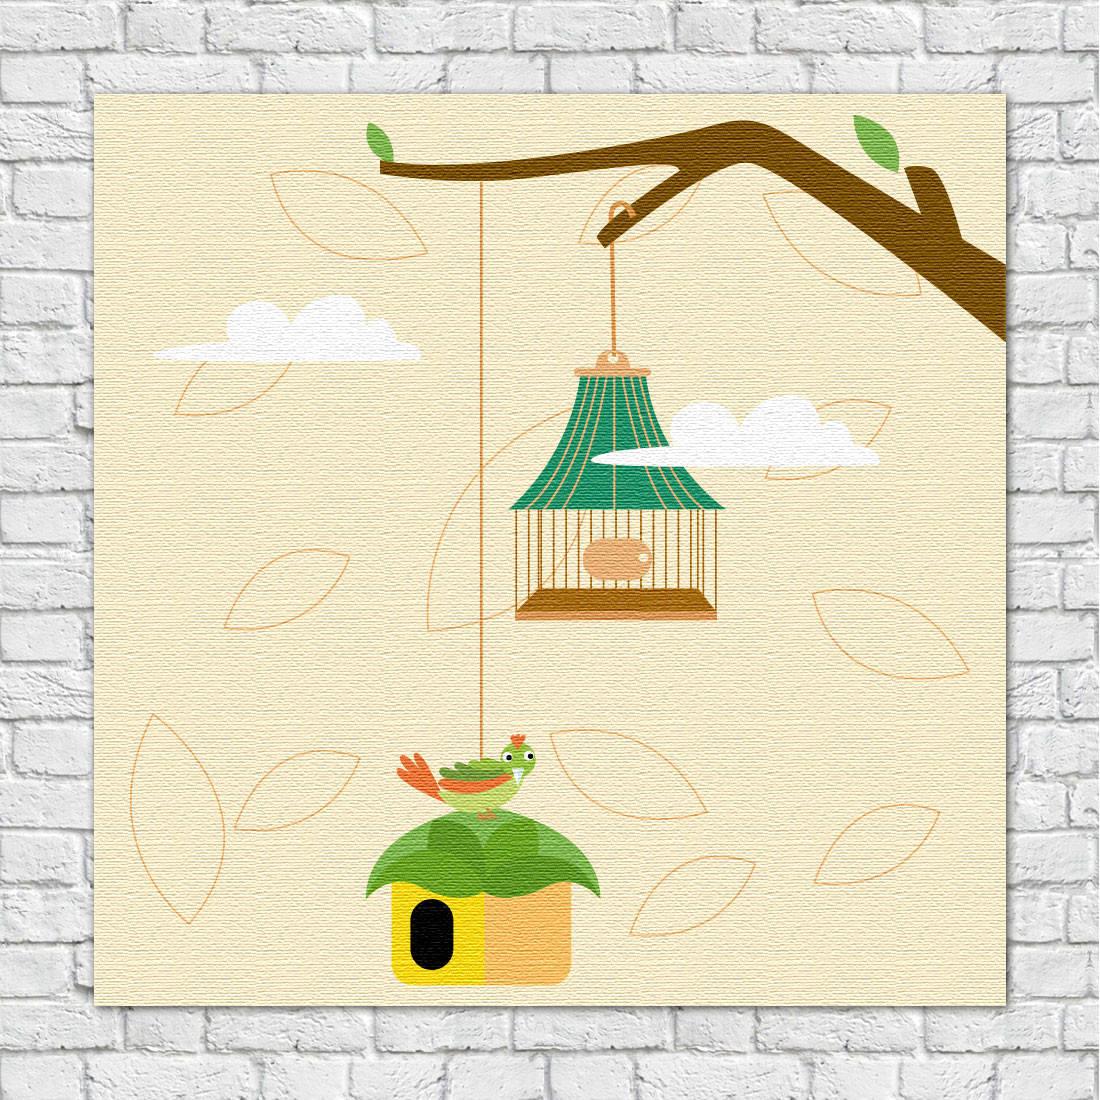 Quadro Decorativo Infantil Galho e Gaiola